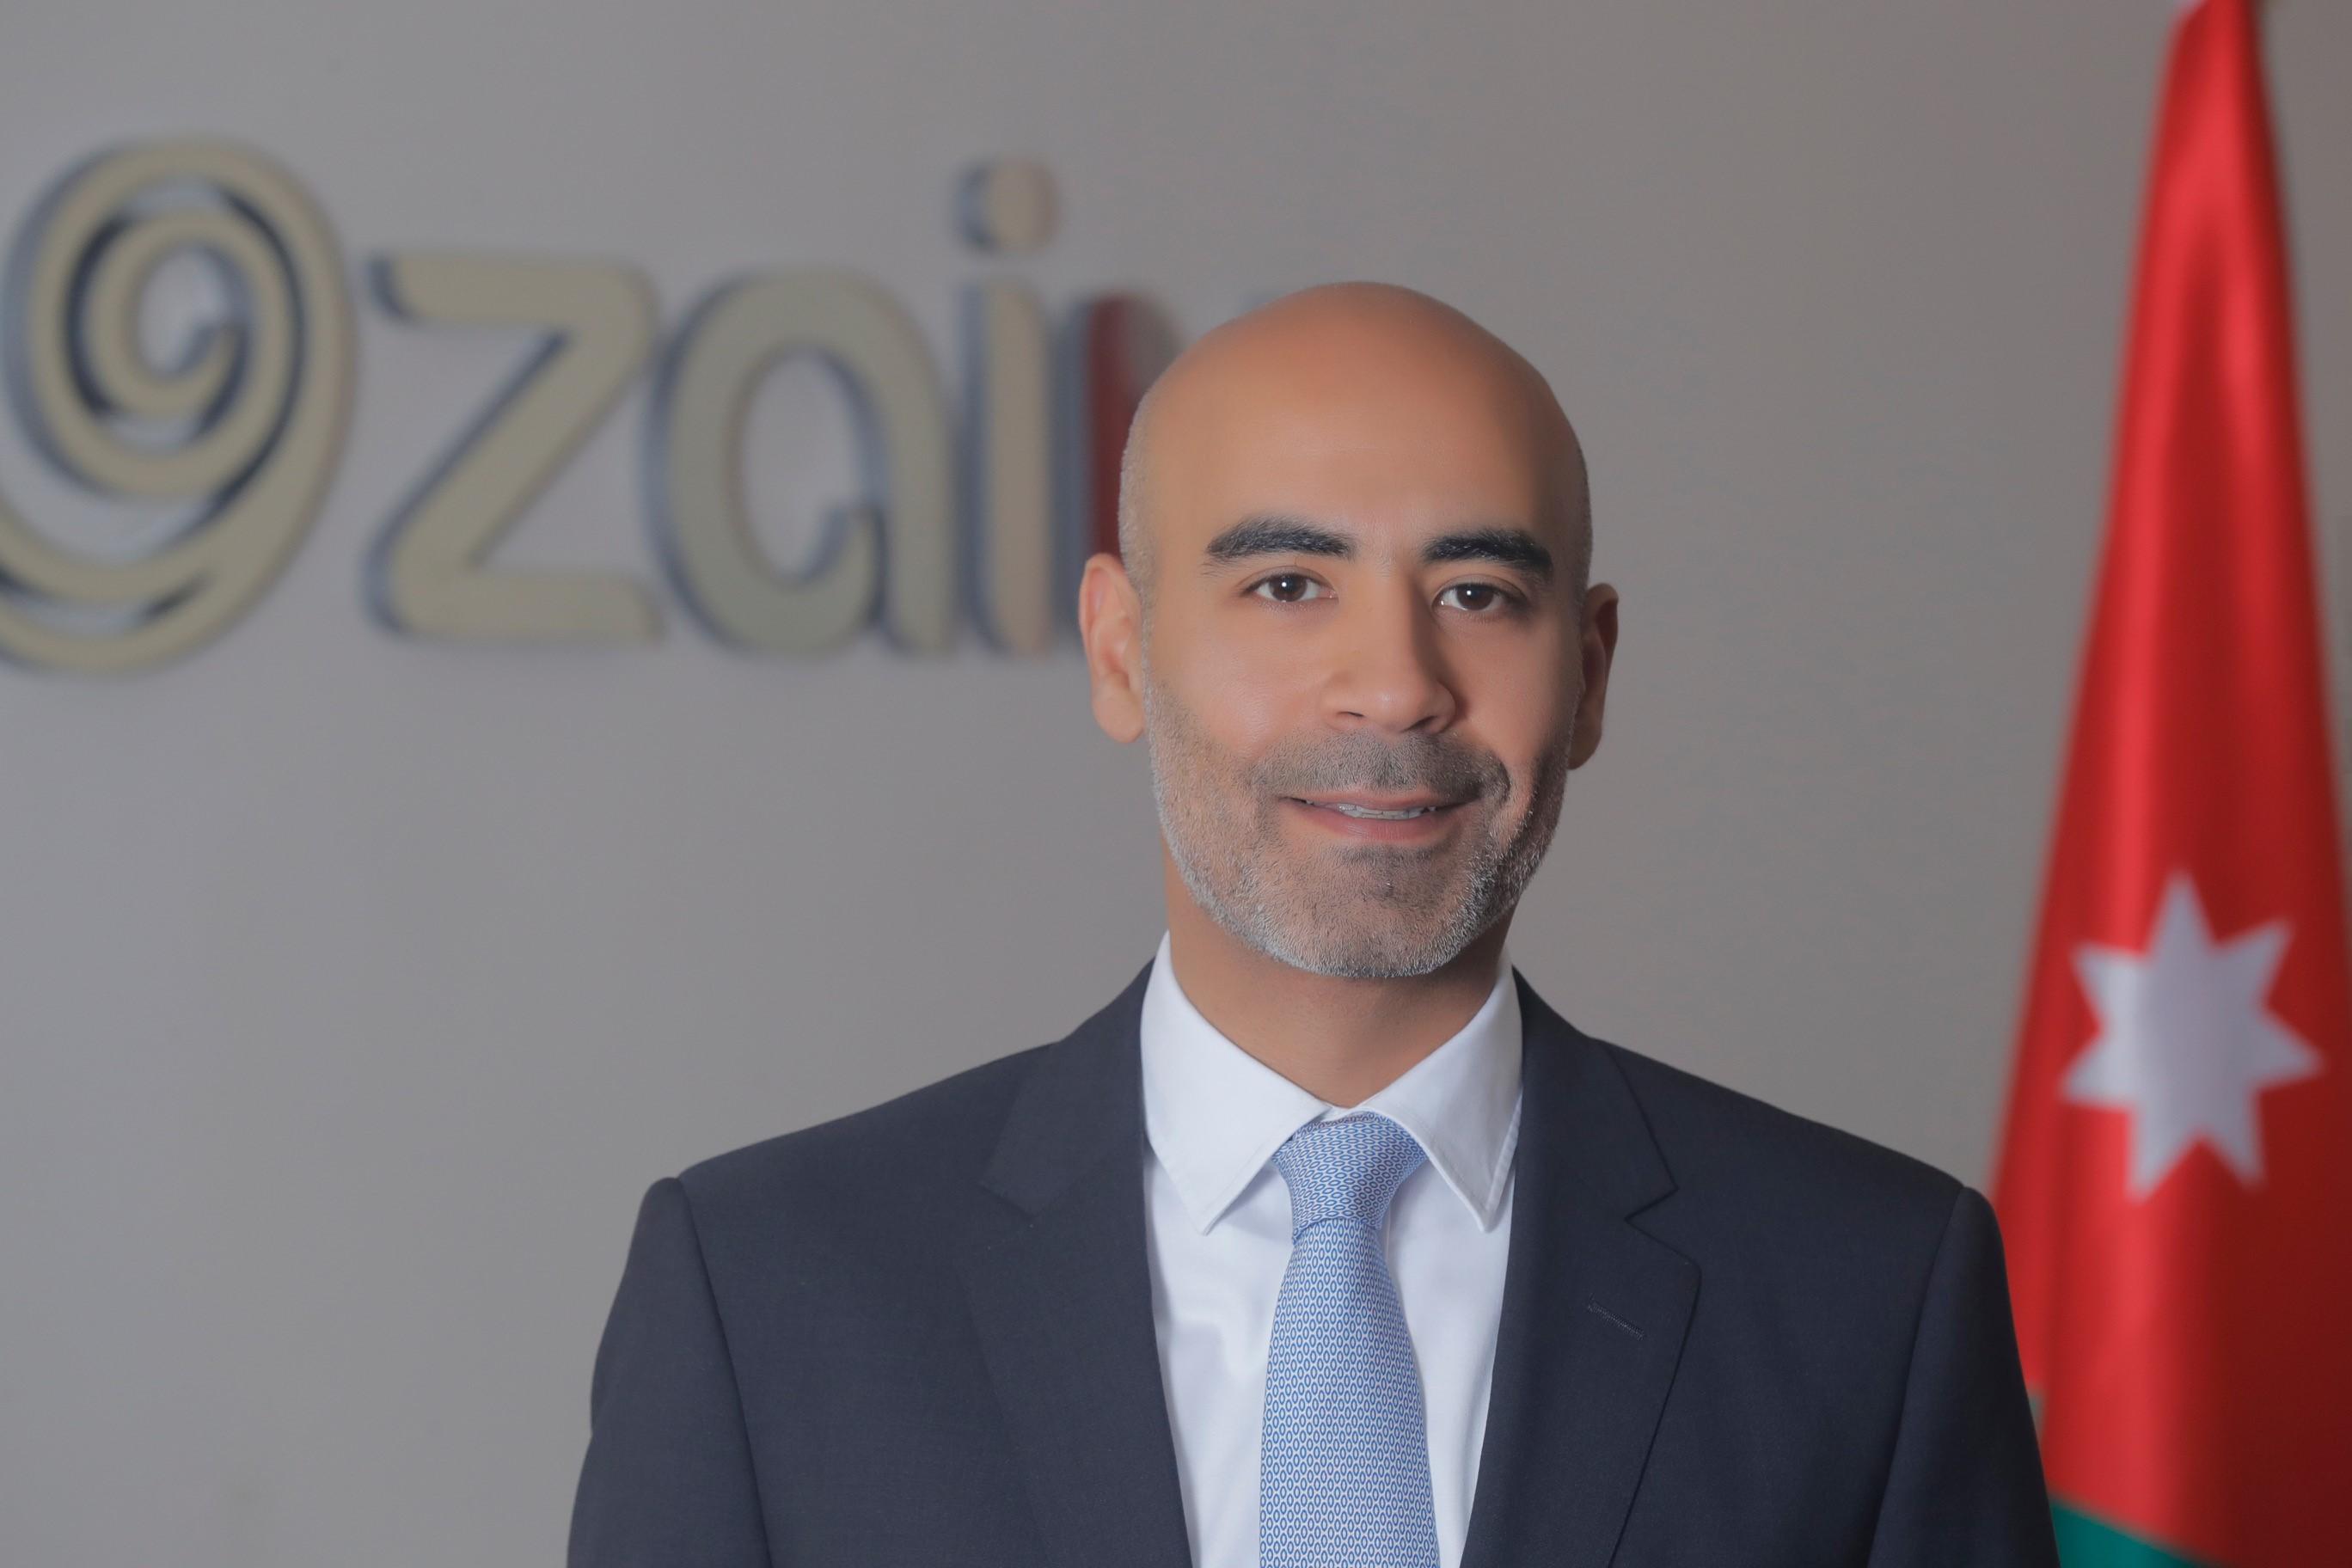 فهد الجاسم رئيس تنفيذي من الطراز الرفيع